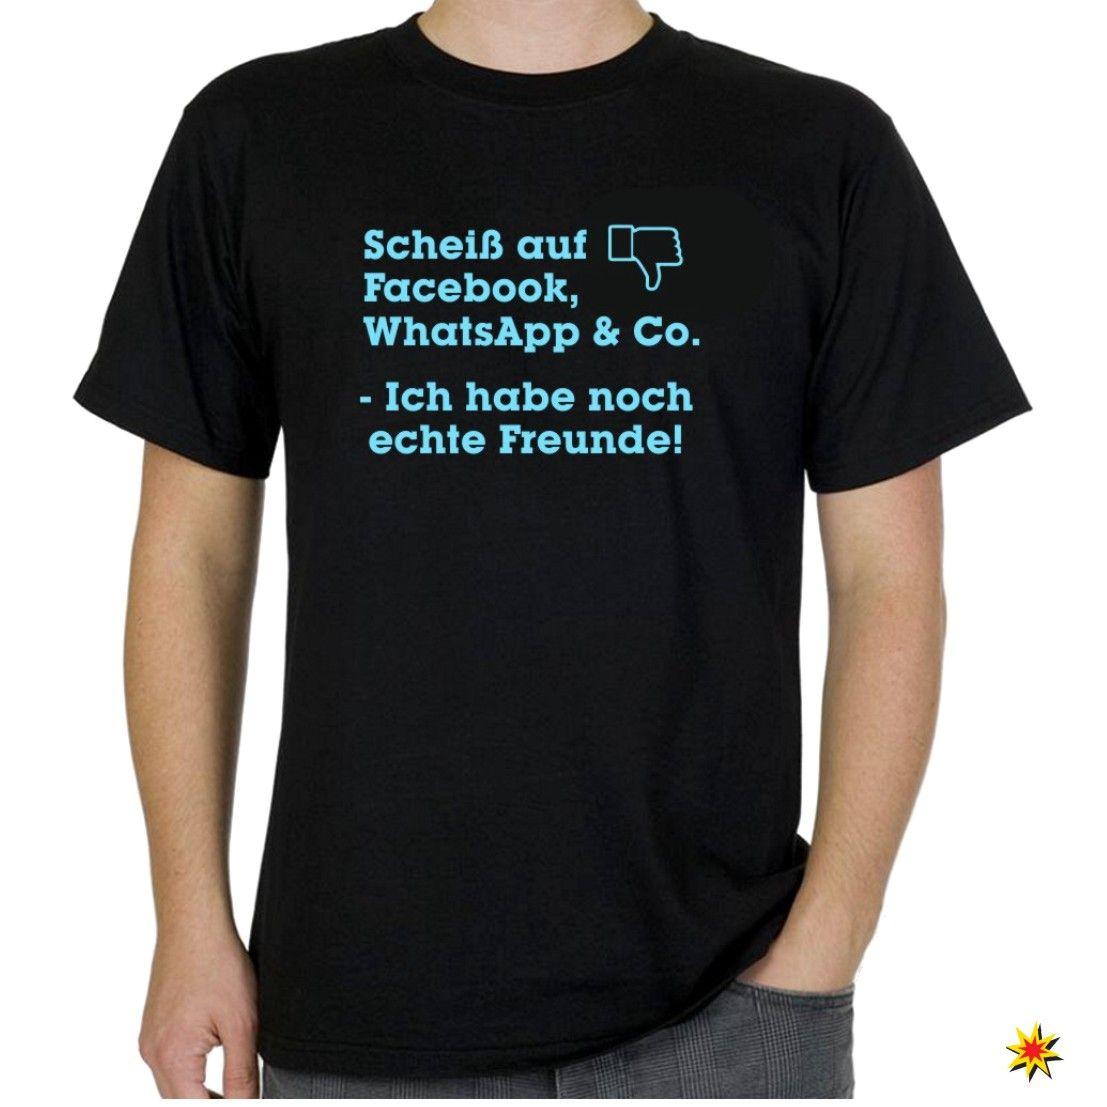 Krause U0026 Sohn Onlineshop Für Den Schulanfang, Für Den Muttertag, Vatertag,  Hochzeit, Valentinstag Oder Andere Anlässe